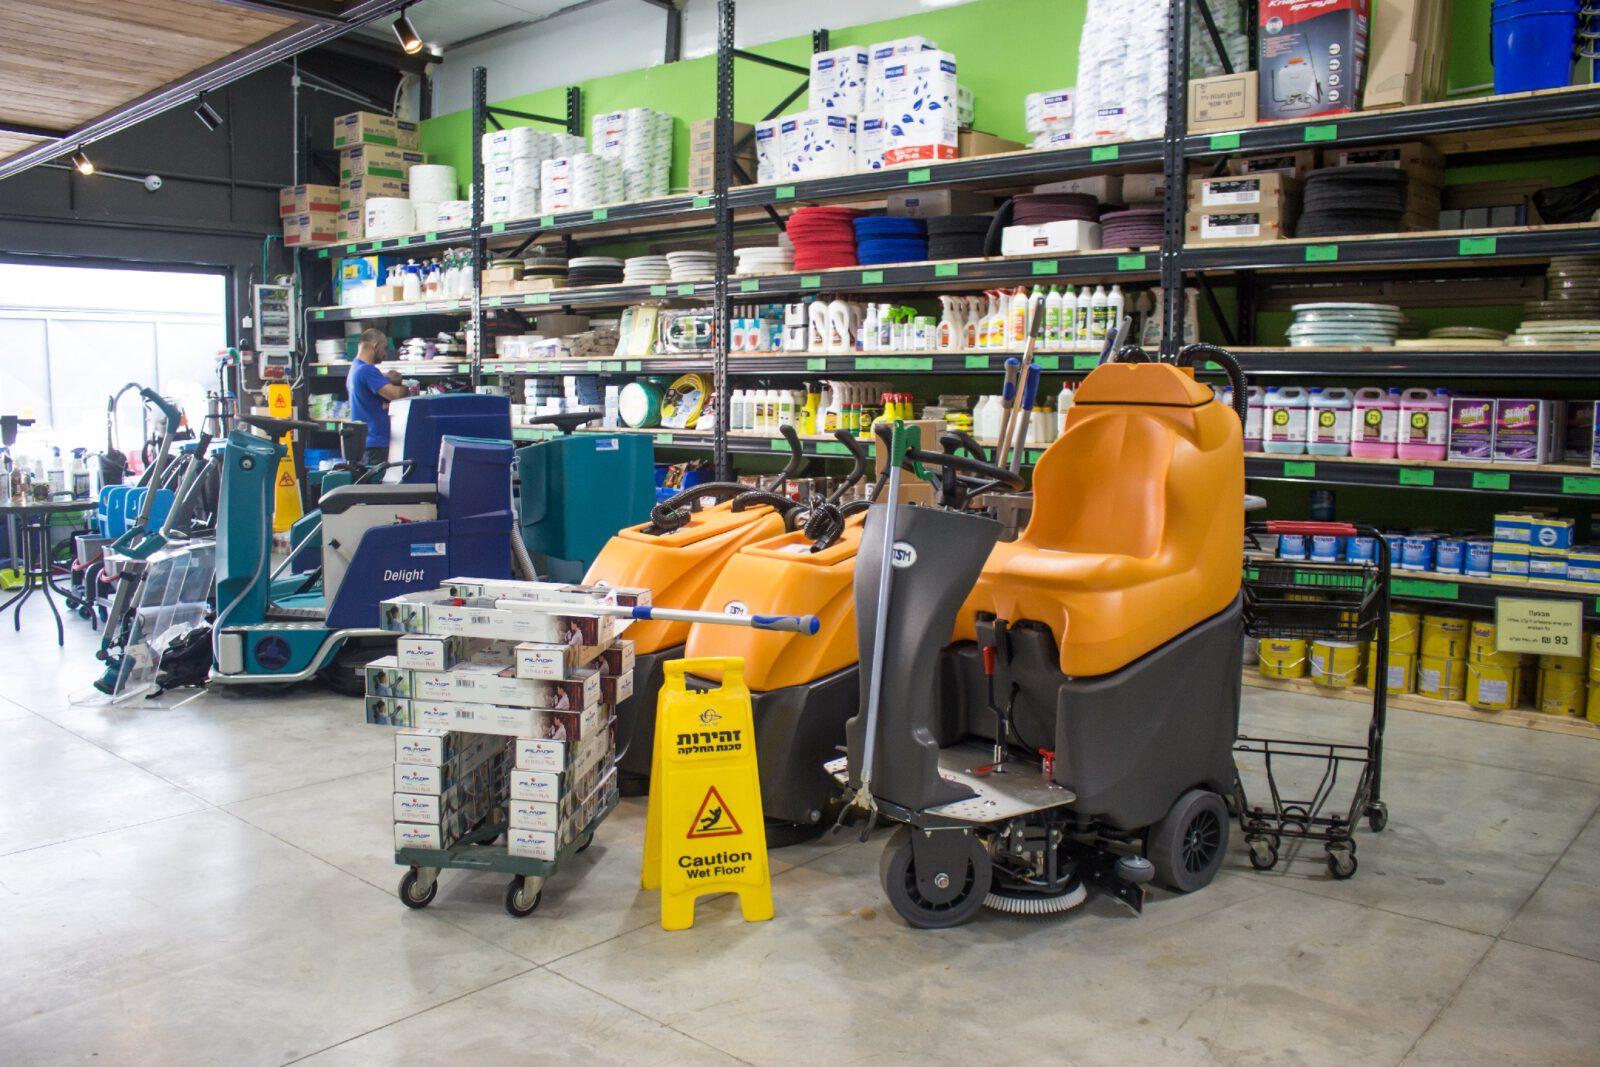 מכונות ניקיון רכובות למכירה או השכרה בחנות בר ביצוע